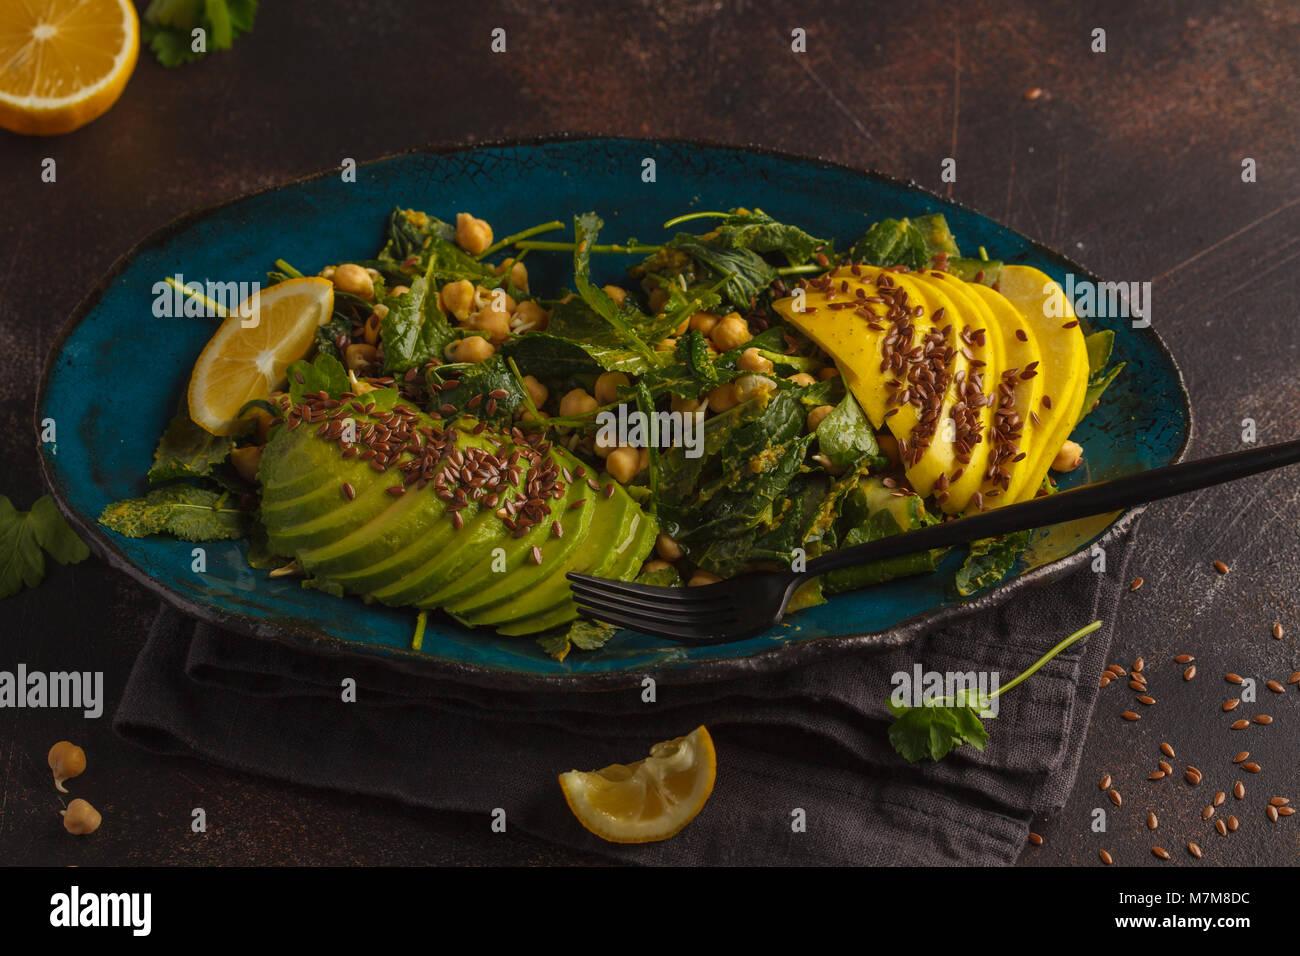 Gesund vegan Avocado, Kichererbsen, kale Salat in einem Vintage blauen Platte auf einem dunklen Hintergrund rostig. Stockbild